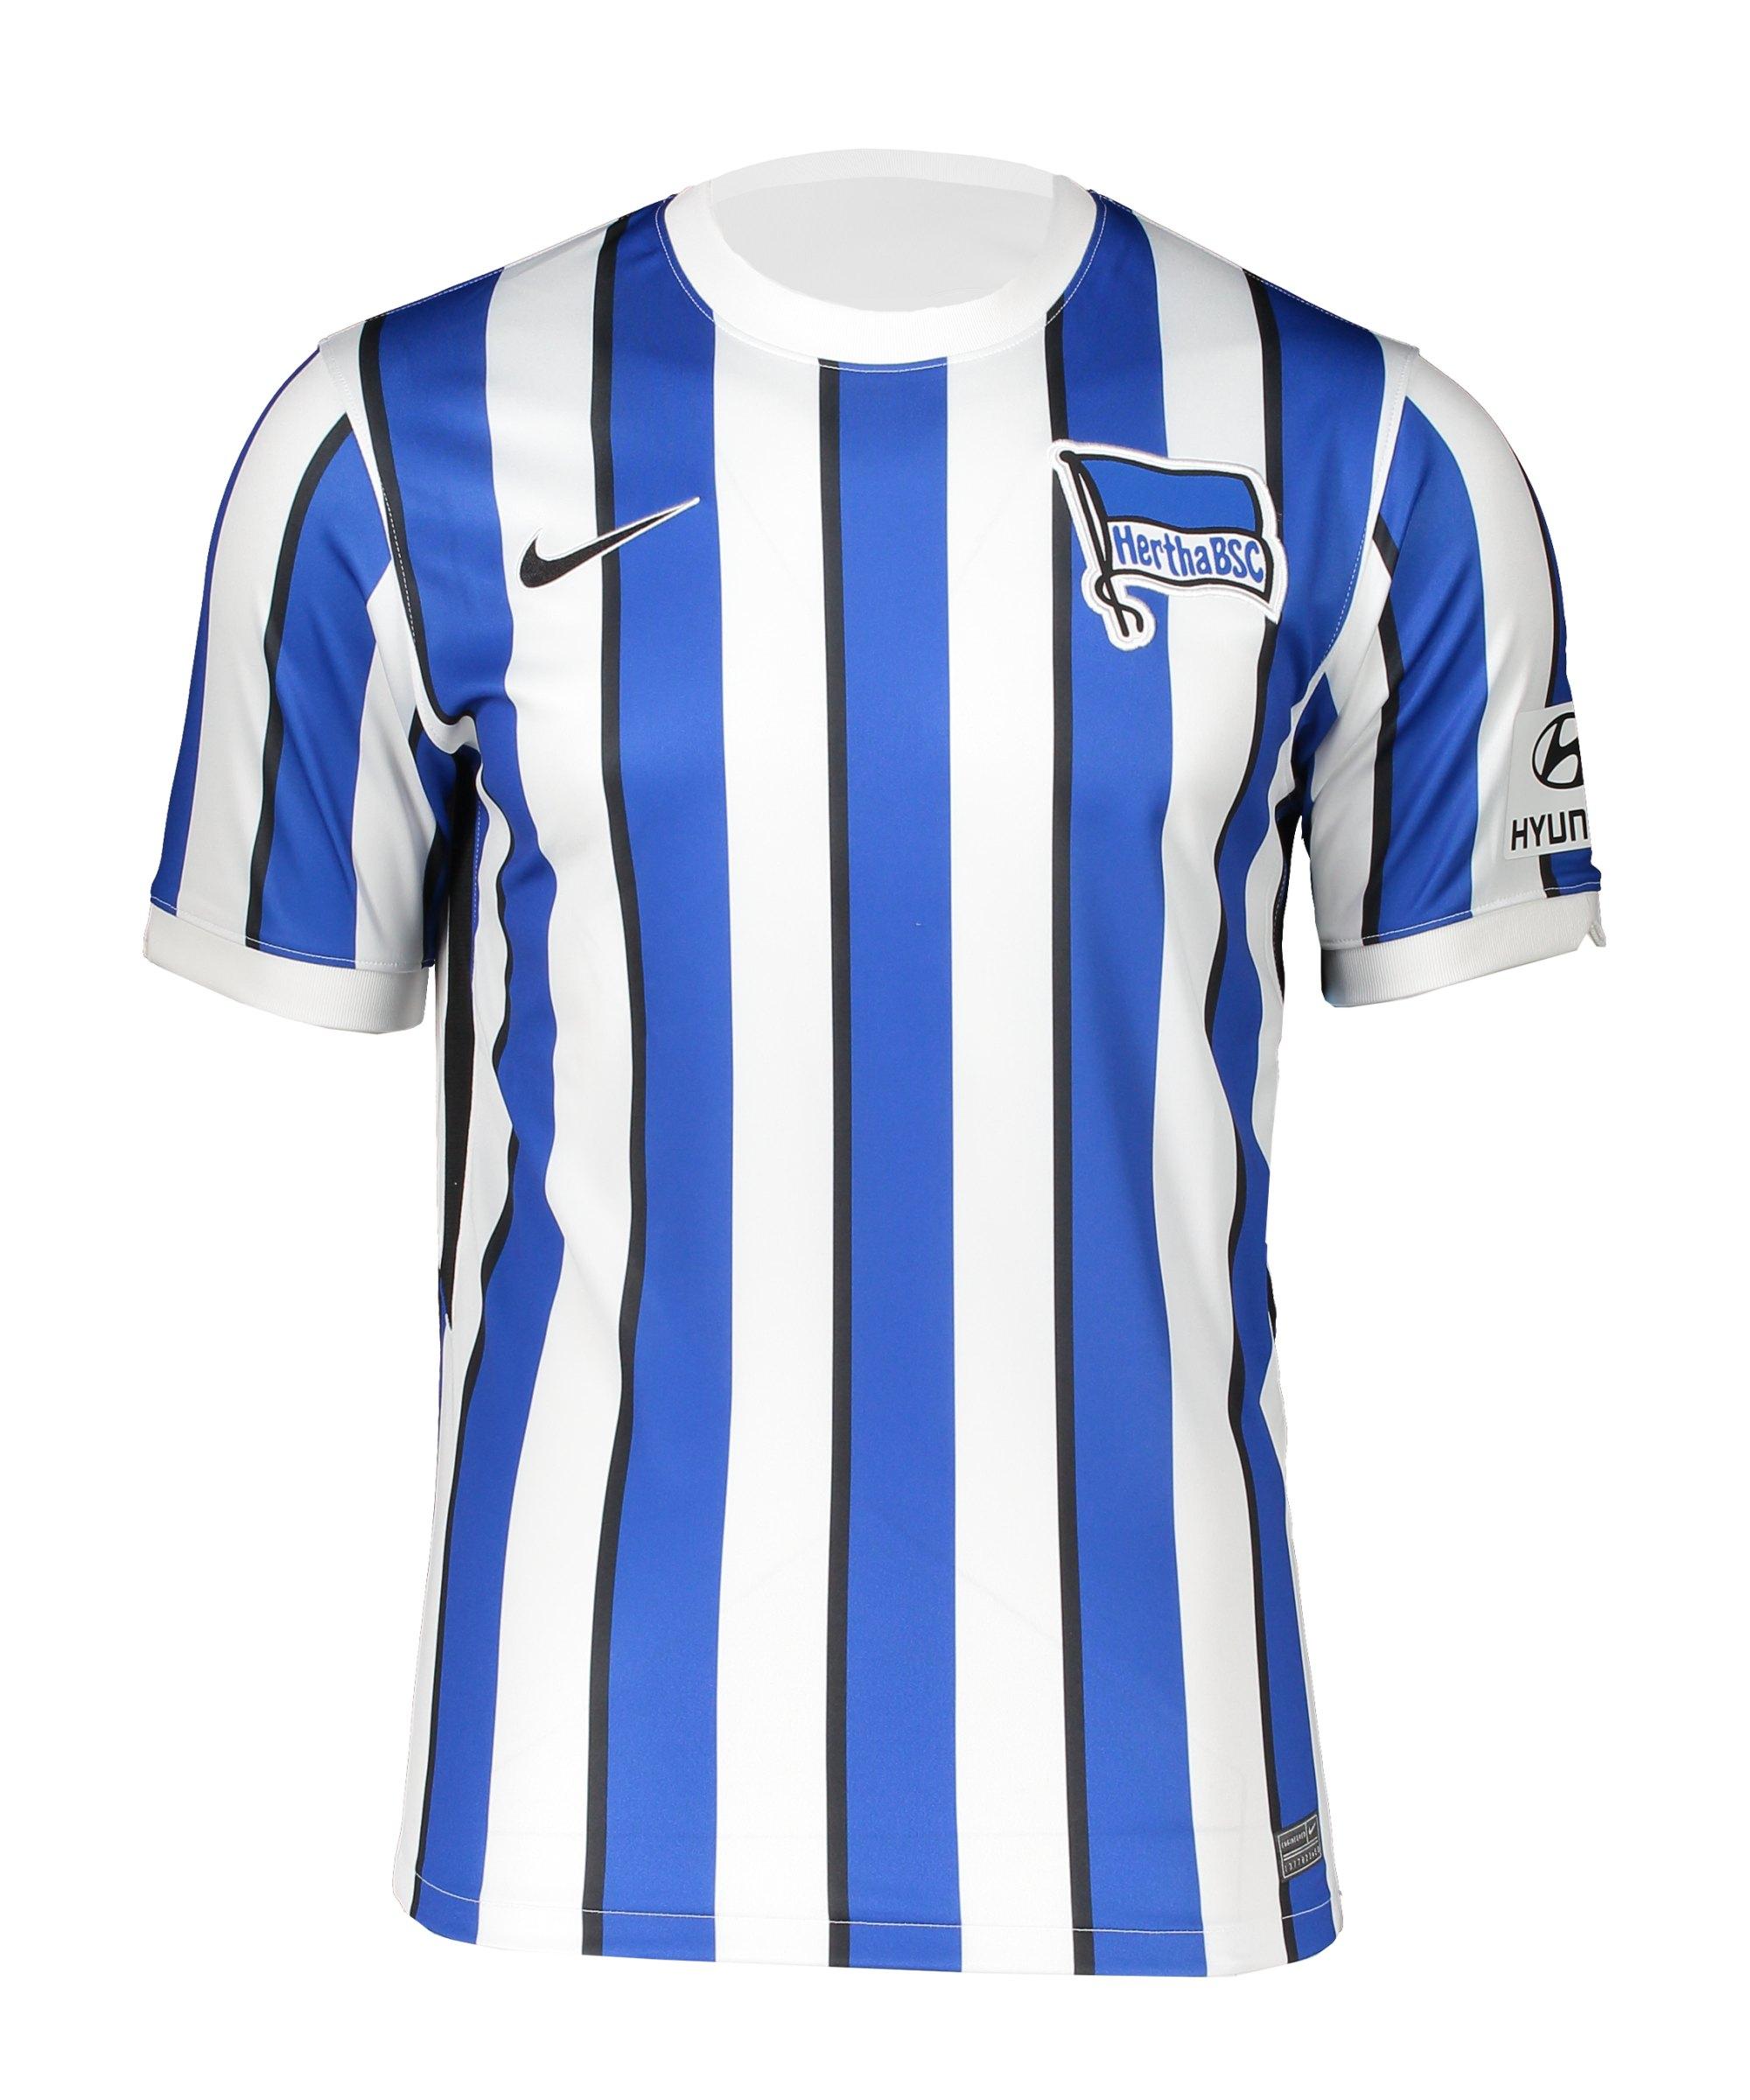 Nike Hertha BSC Trikot Home 2020/2021 Weiss Blau F101 - weiss